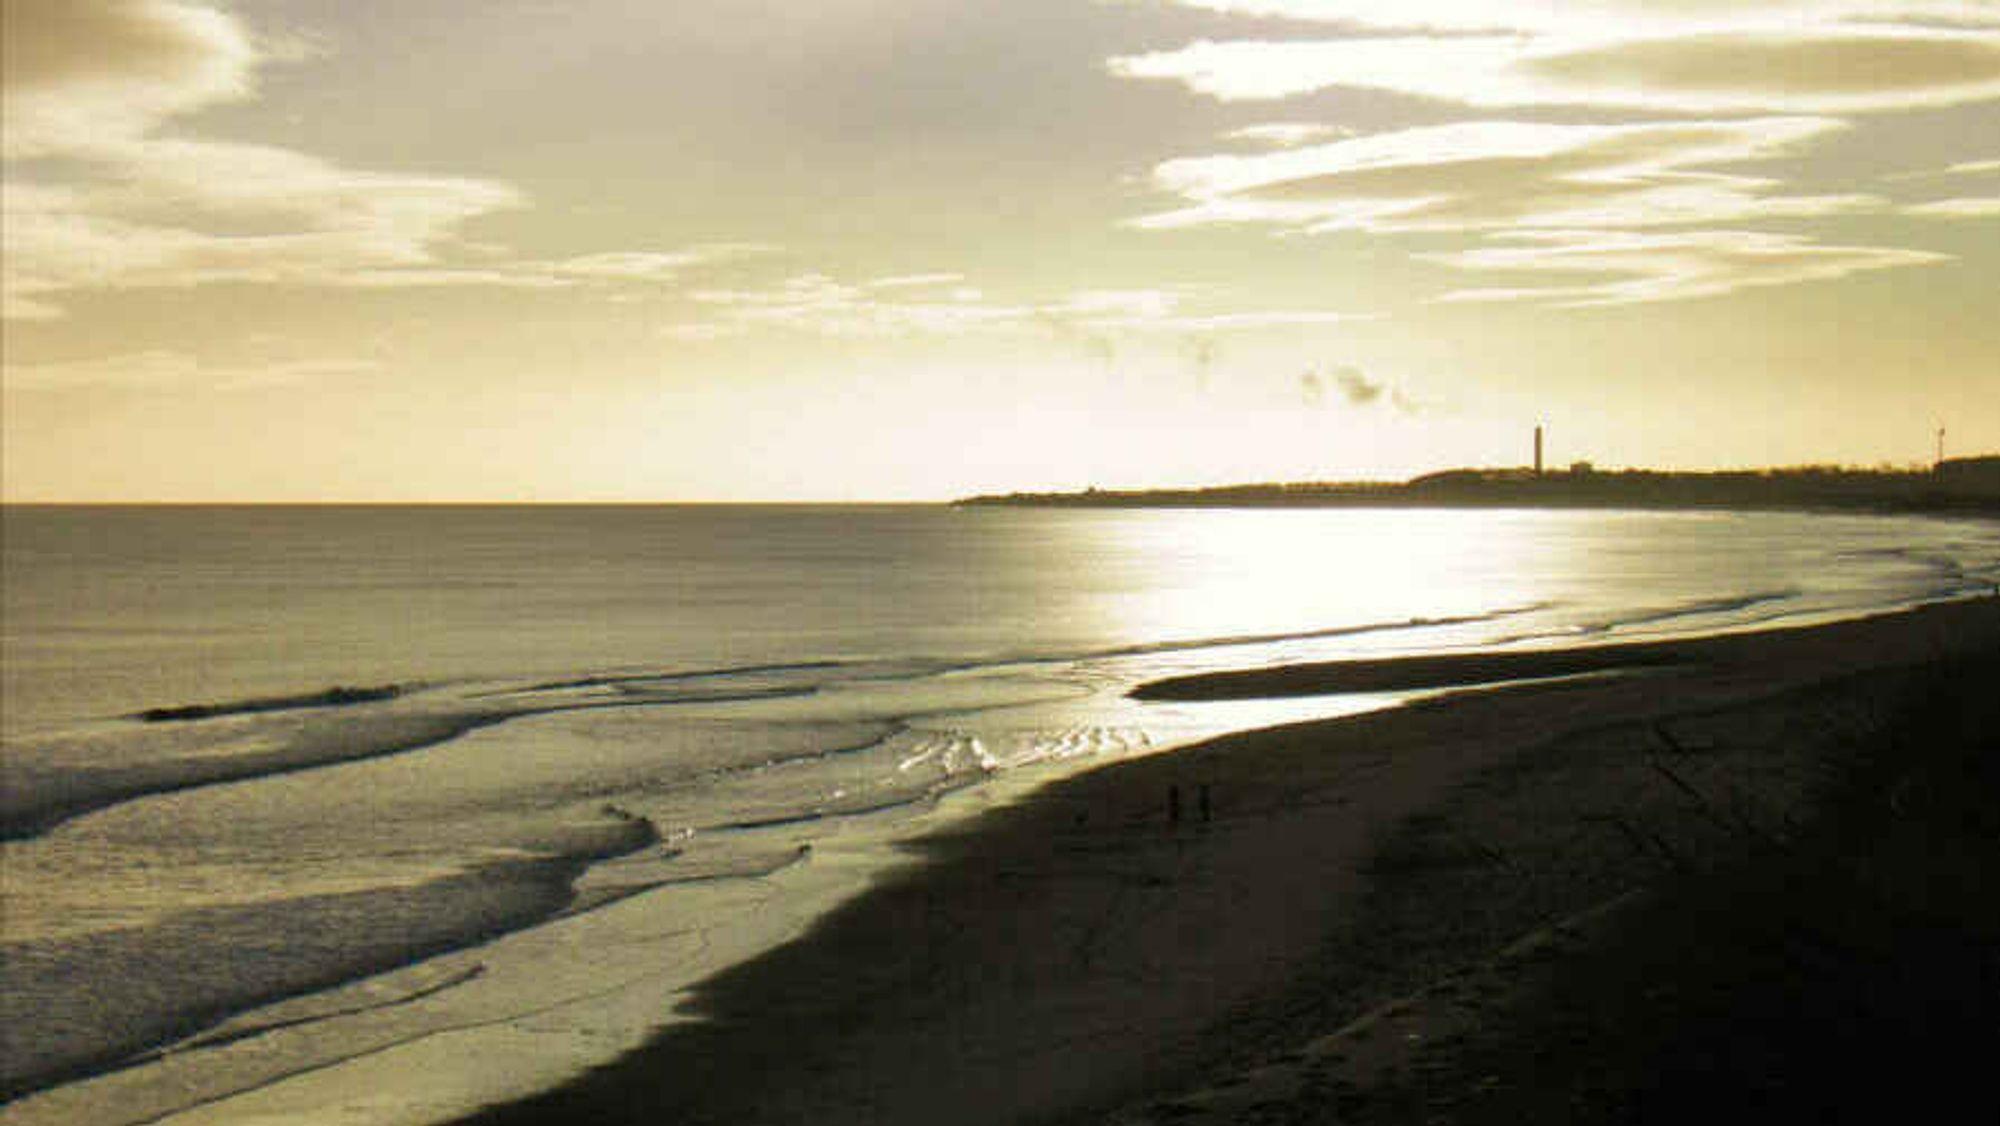 Storbritannia har nærmest ikke brukt kull i strømmiksen de siste månedene. Skal likevel nye områder legges ut til kulldrift? Striden står nå i Druridge ved Nordsjøen.